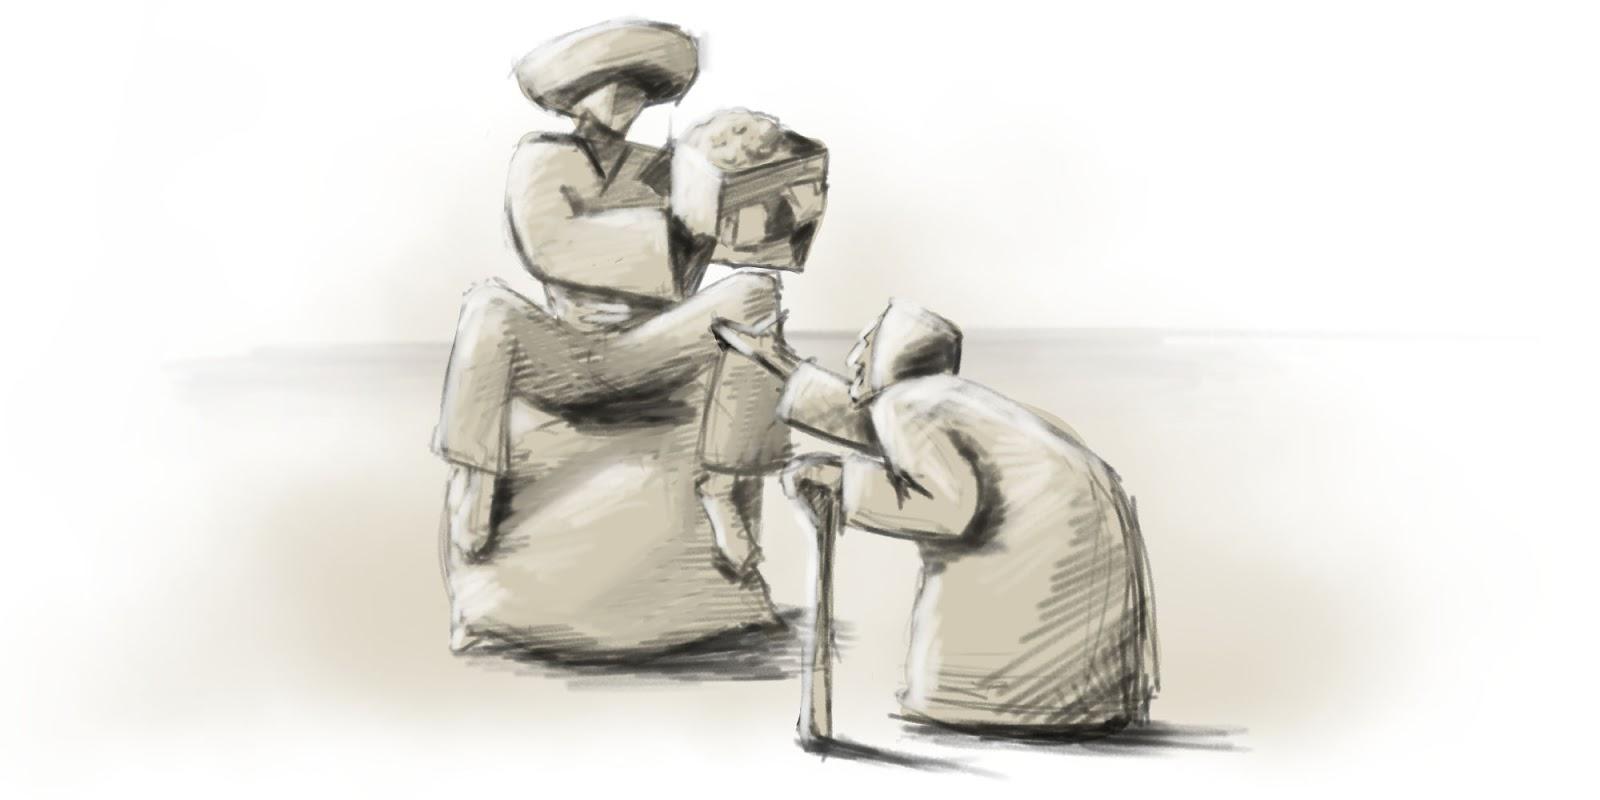 Hrdina sa o svoj poklad delí so starenkou.